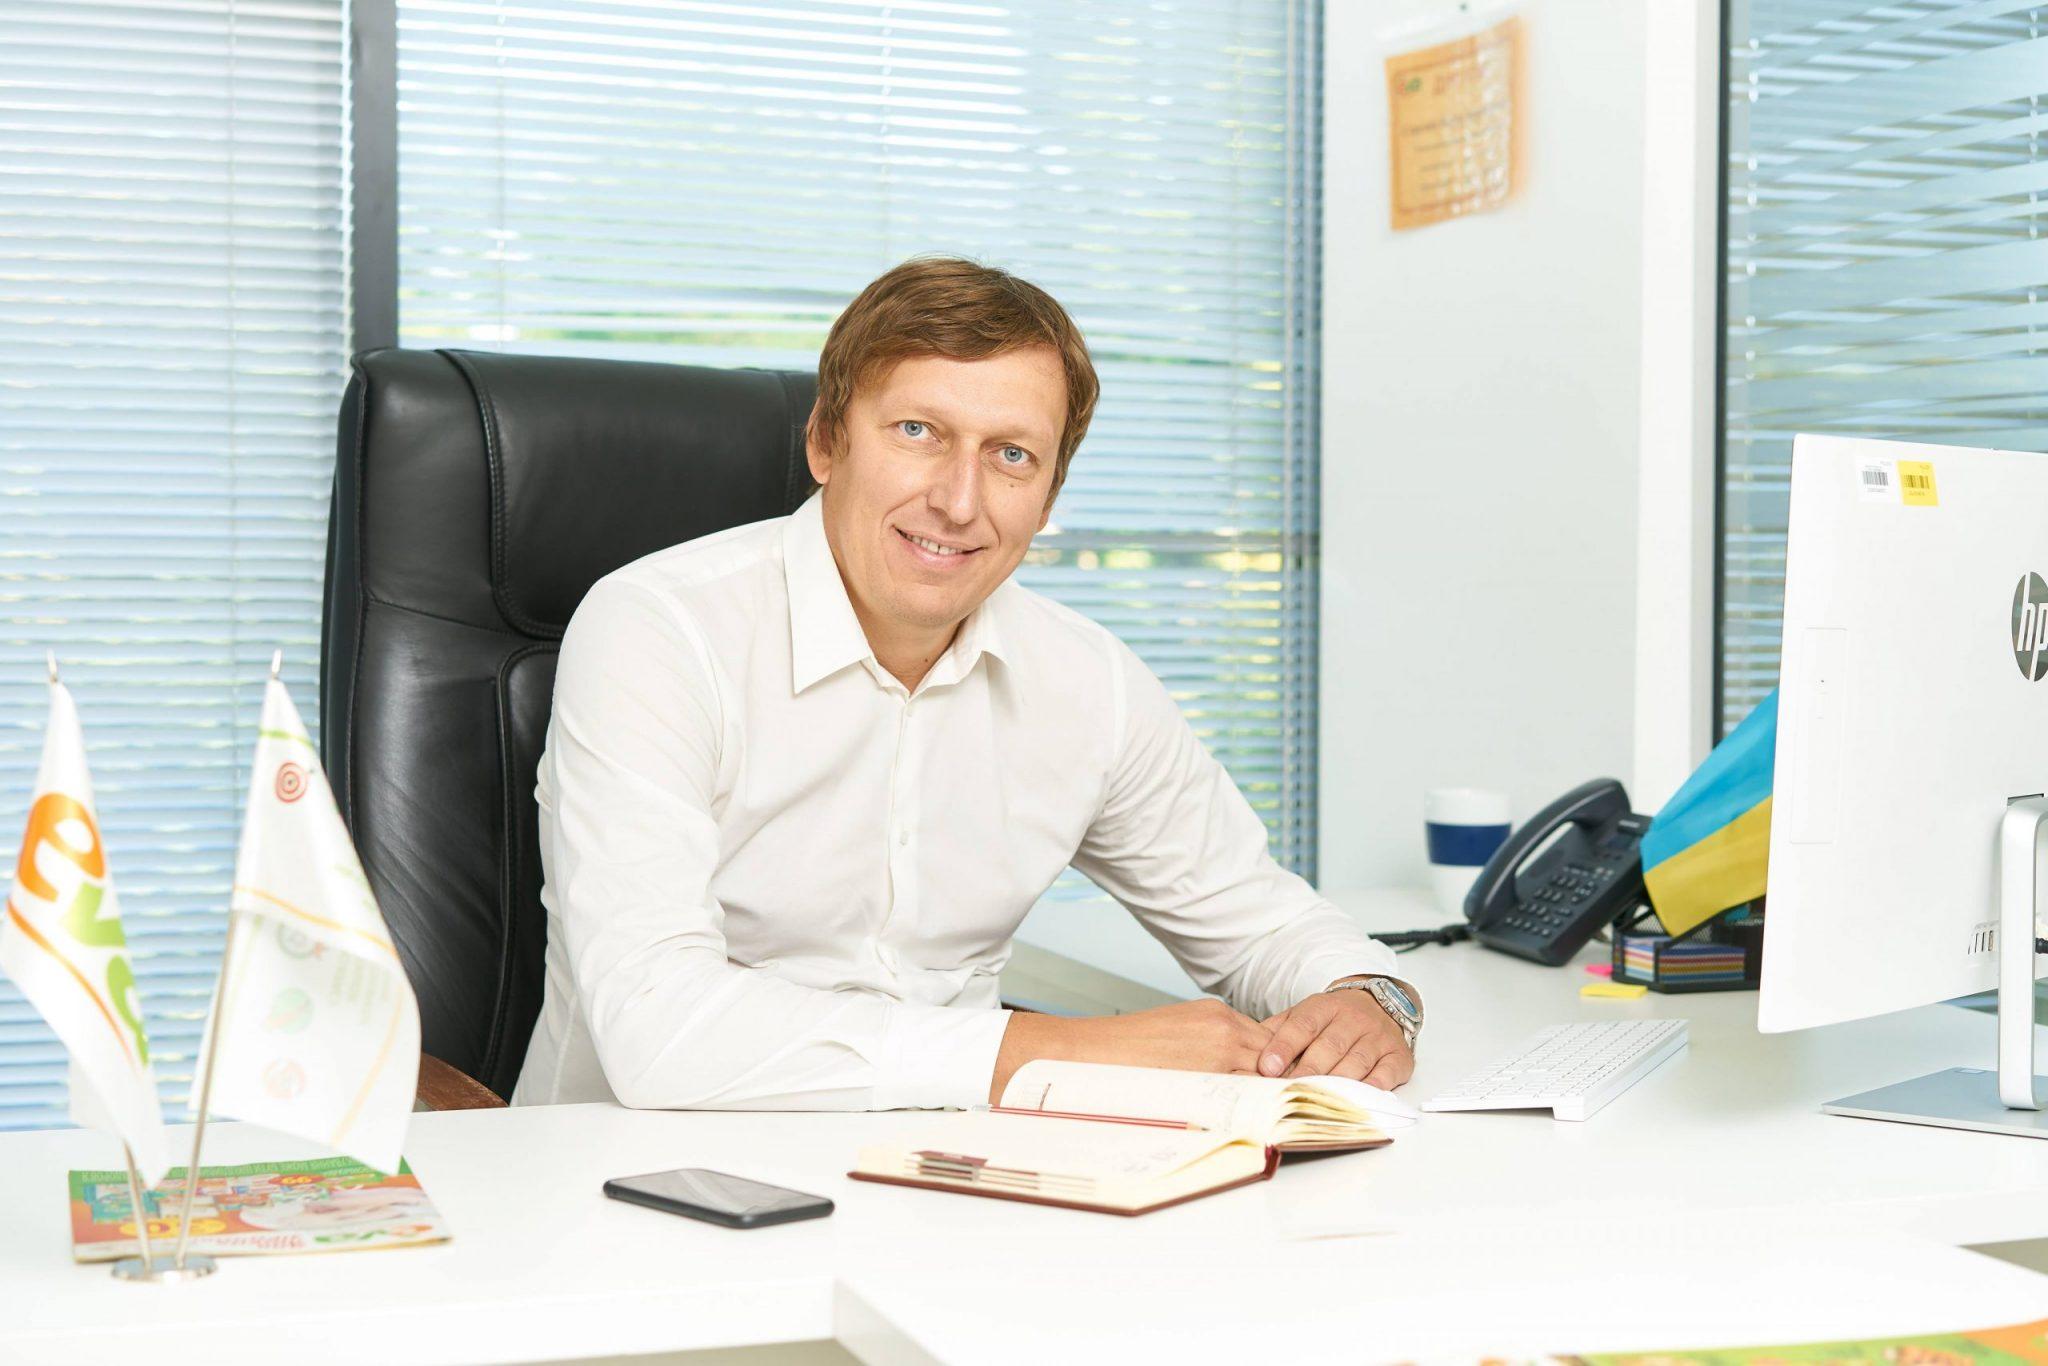 Як лінія магазинів EVA відкриває по 180 магазинів в рік – інтерв'ю з Віктором Середнім